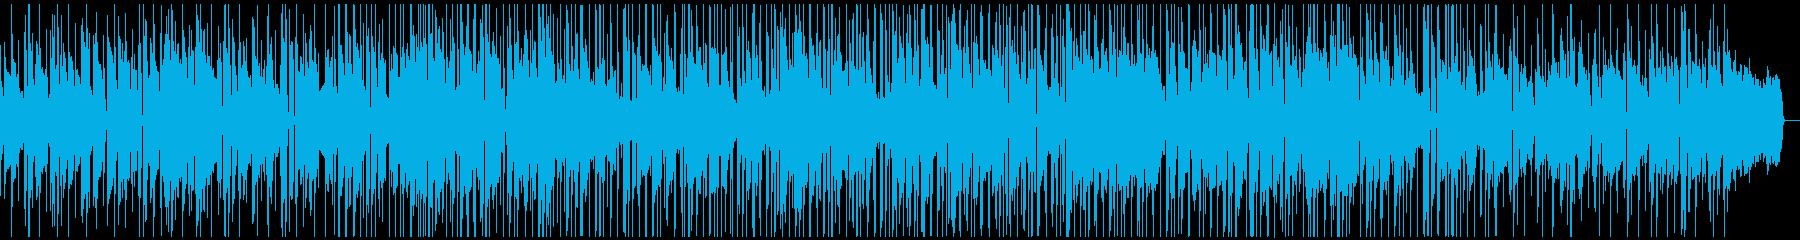 軽快でオシャレなスムースジャズの再生済みの波形